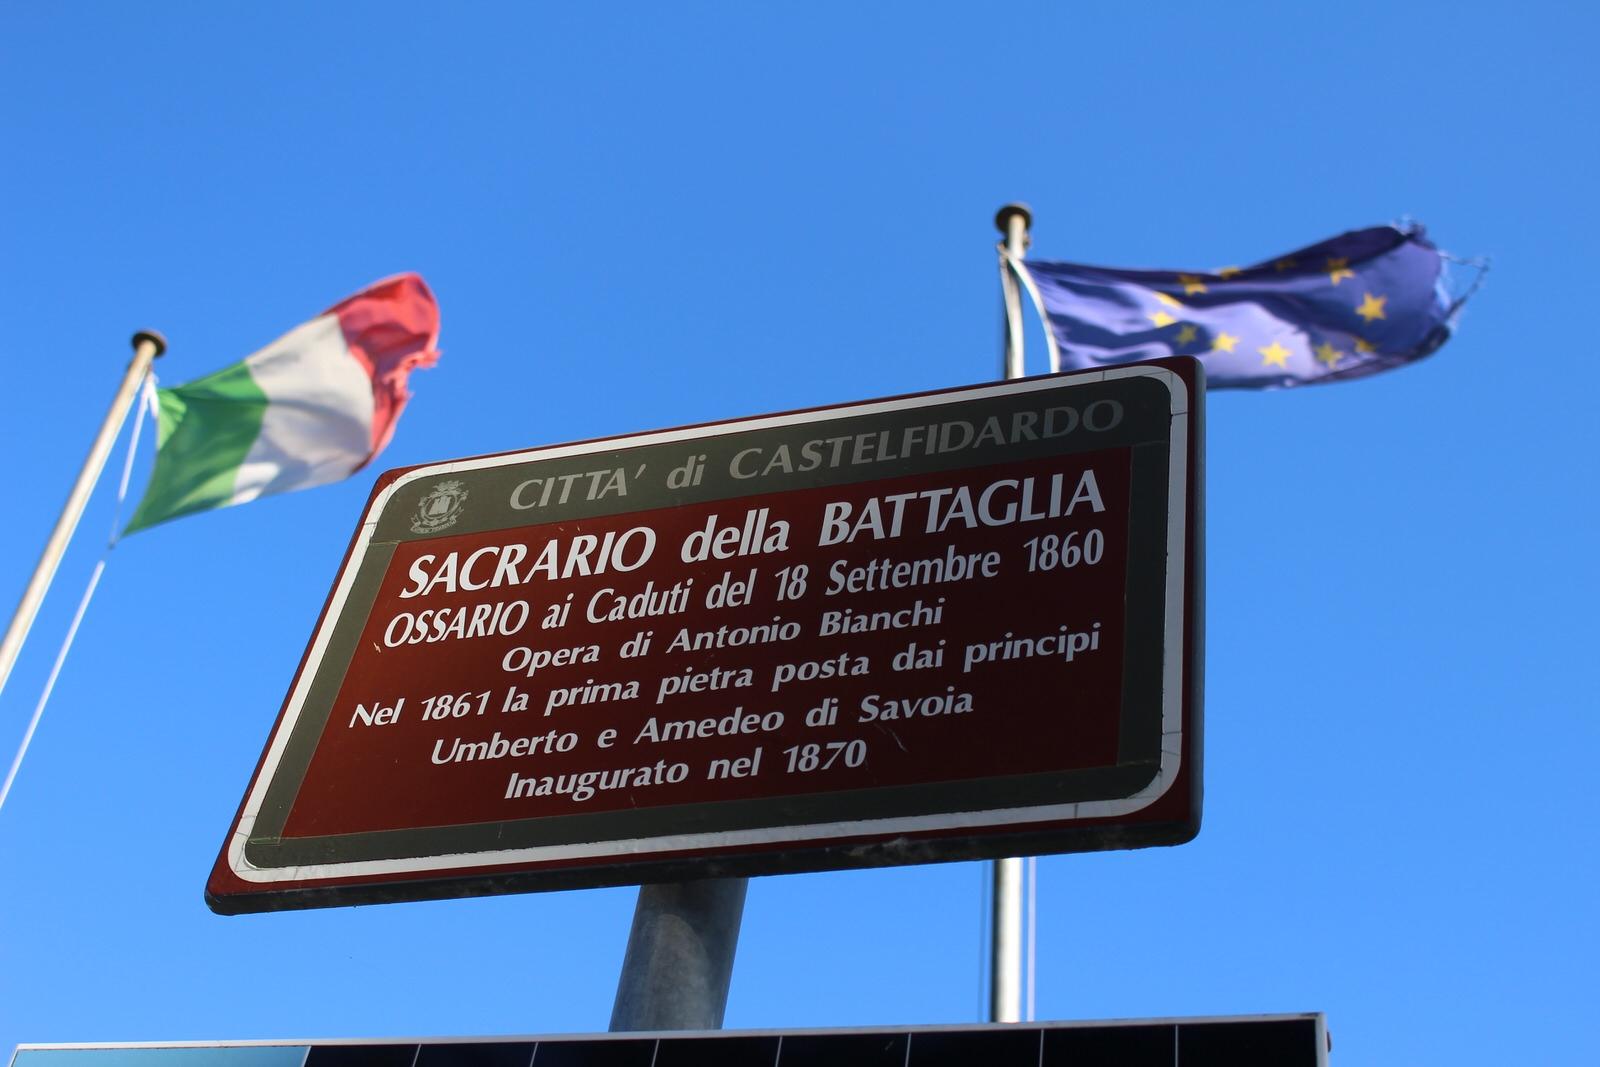 Castelfidardo_Sacrario_Bandiere